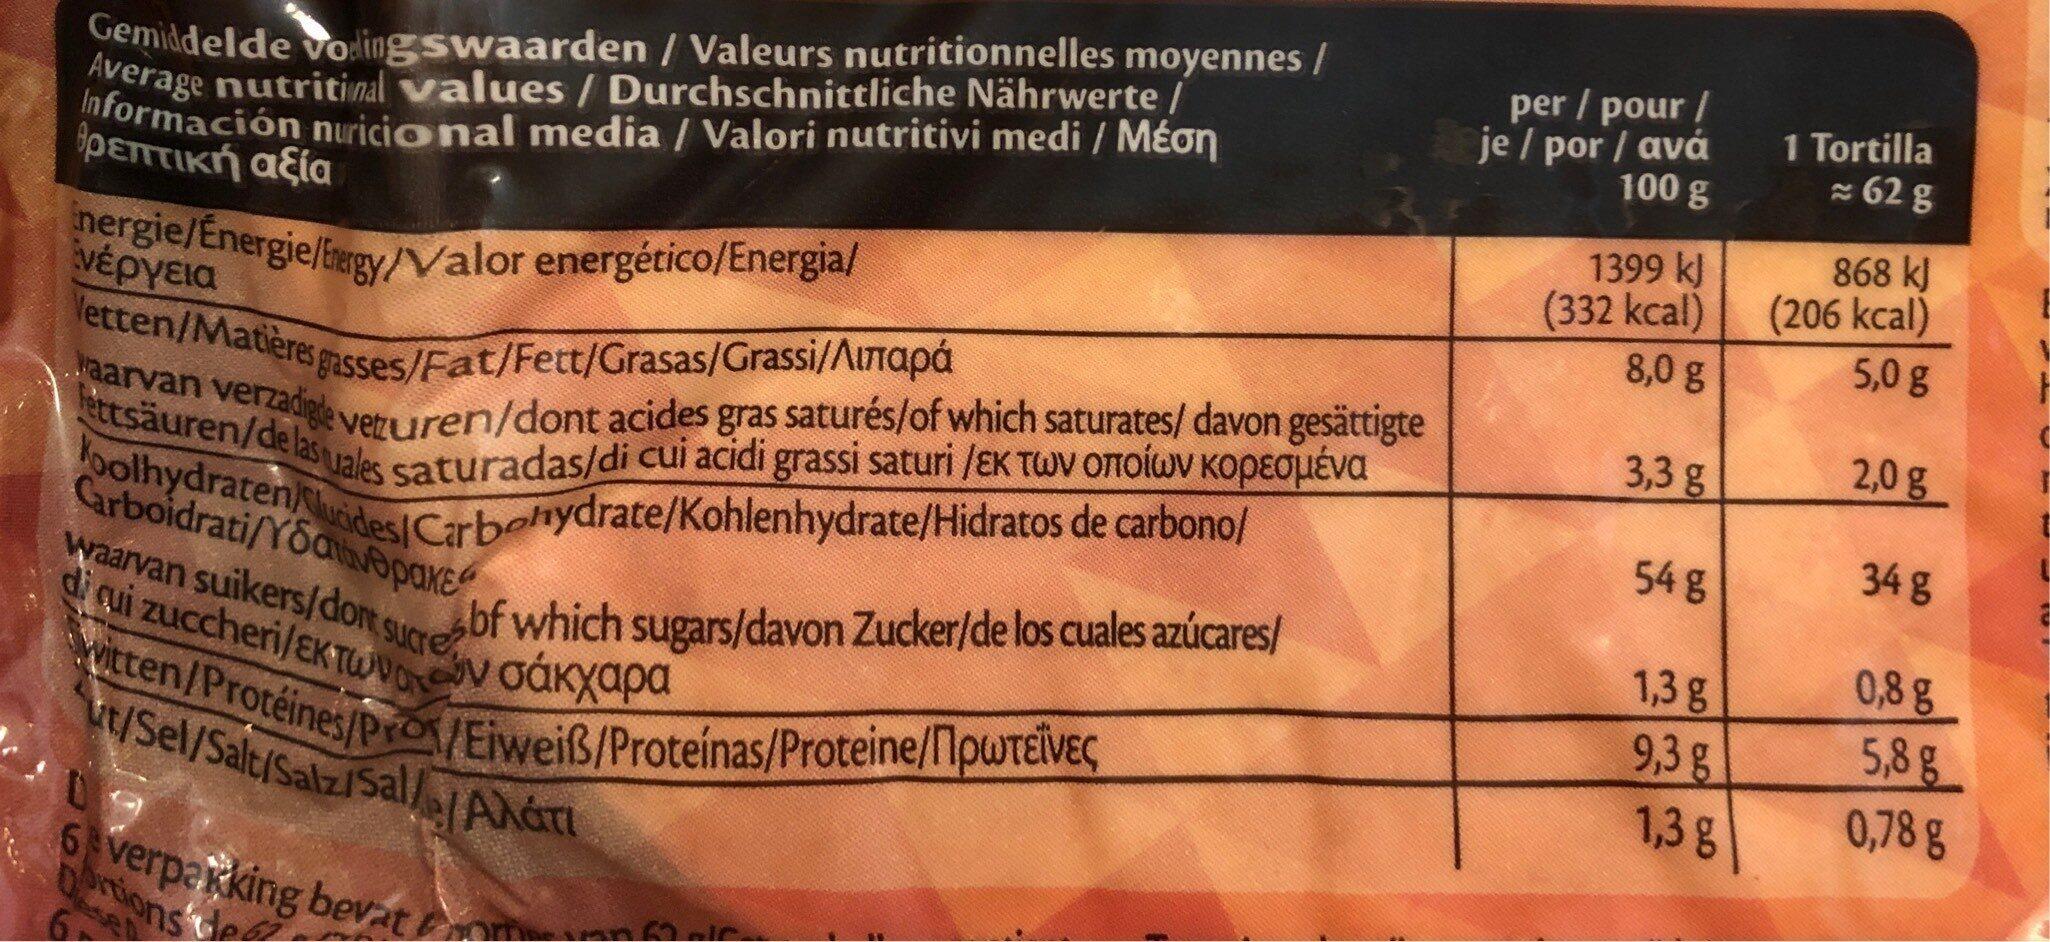 6 Original Wraps - Informations nutritionnelles - fr